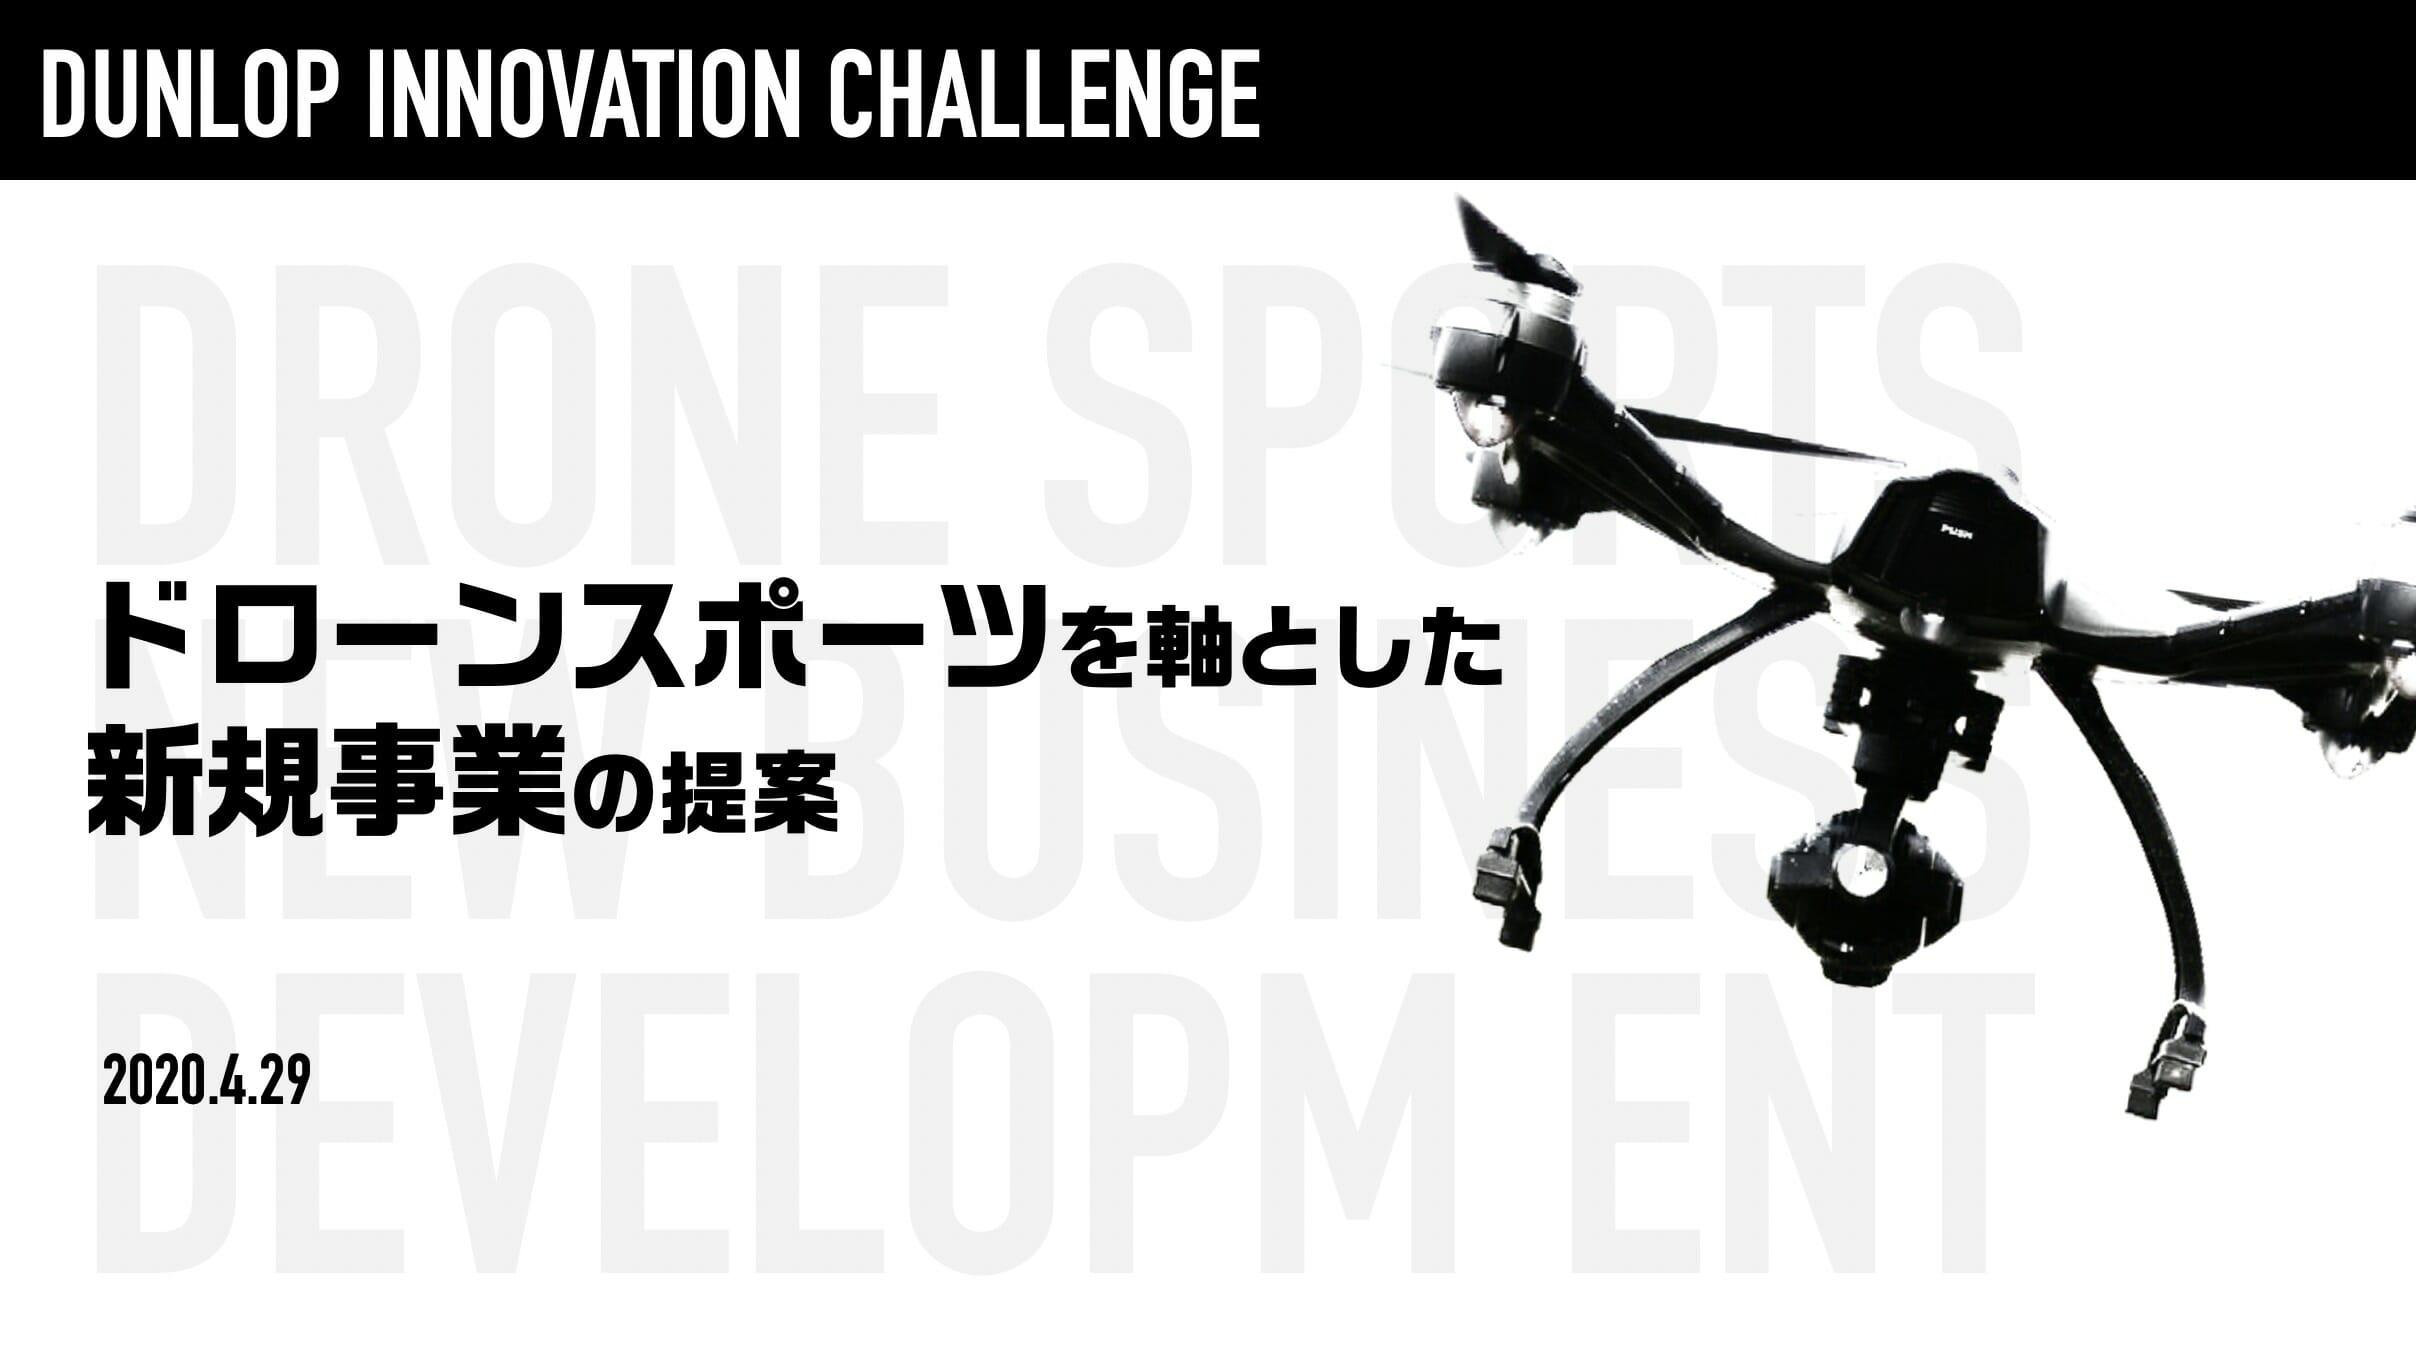 DUNLOP INNOVATION CHALLENGE「ドローンスポーツを軸とした新規事業」